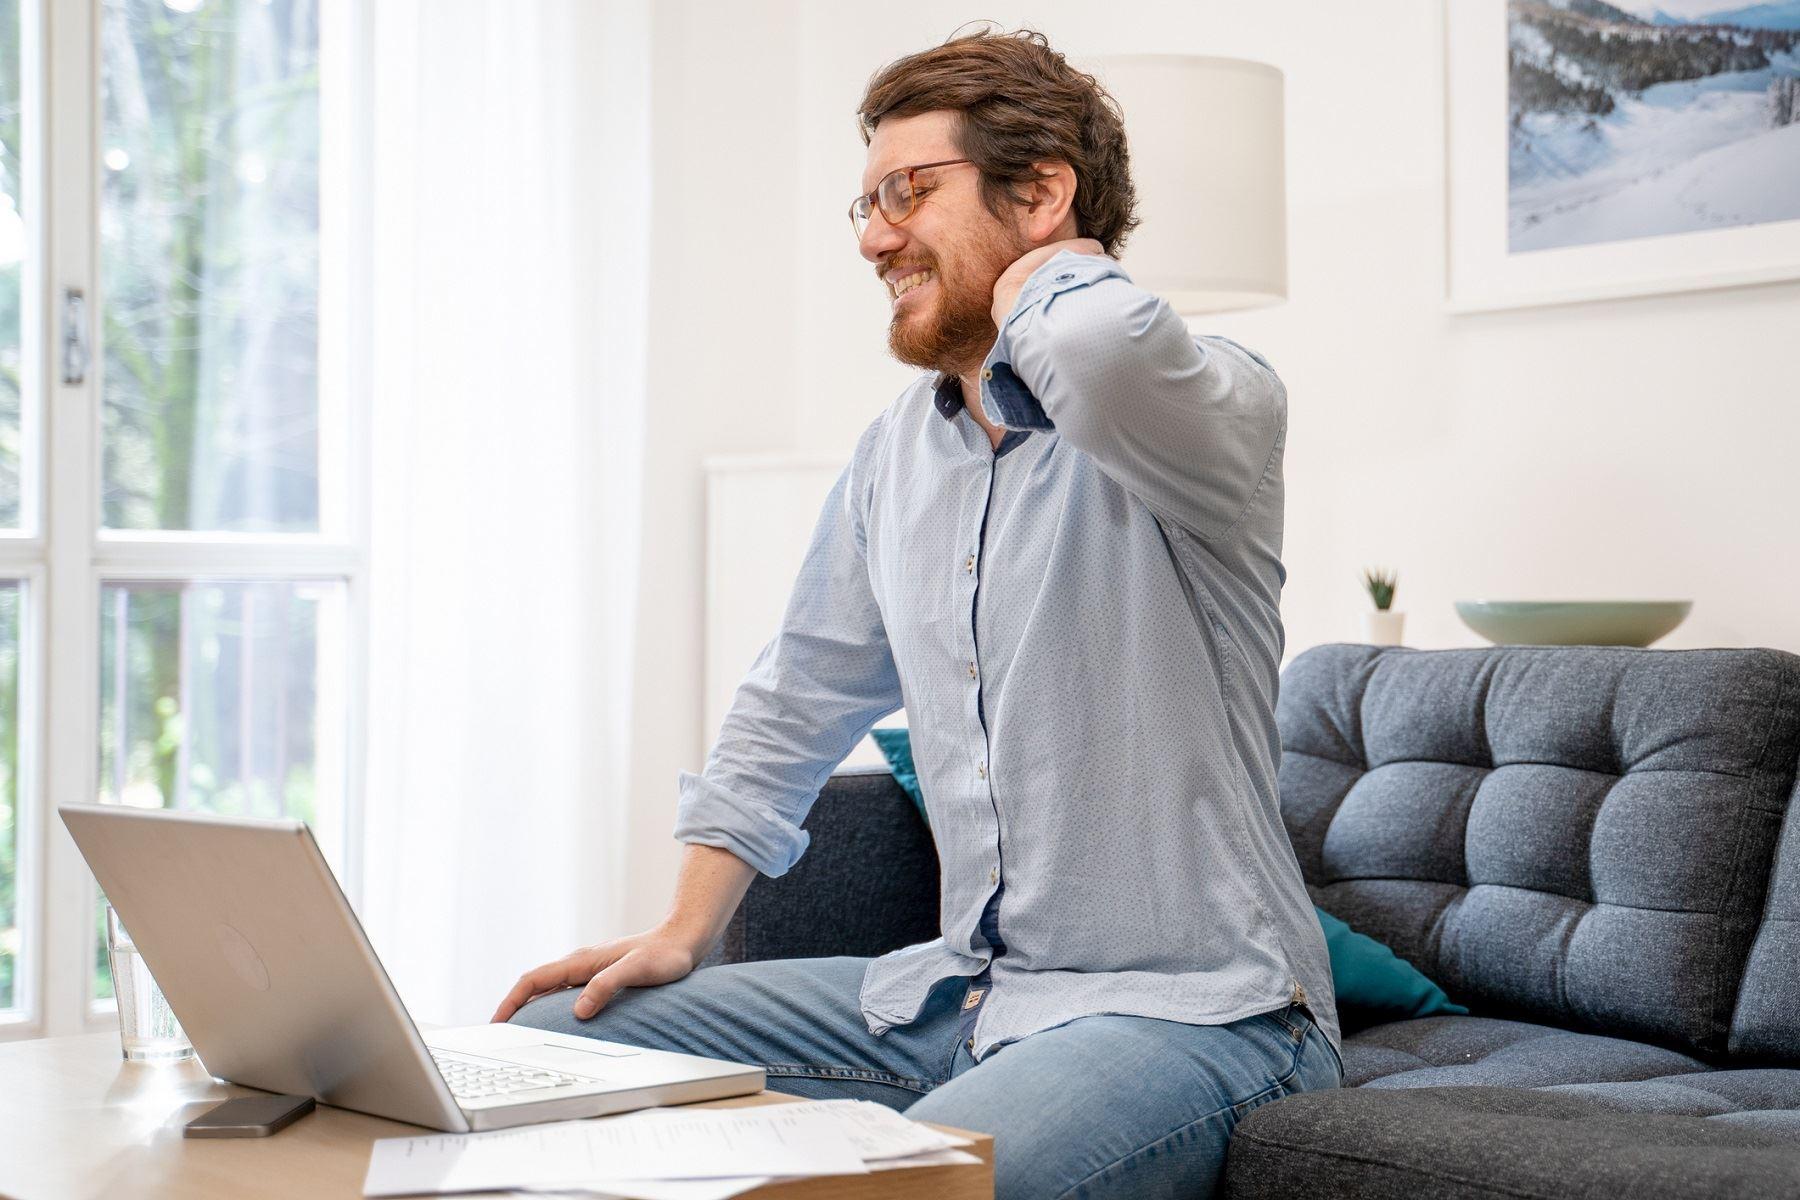 trabajas-de-forma-remota-mtpe-publica-guia-de-practicas-ergonomicas